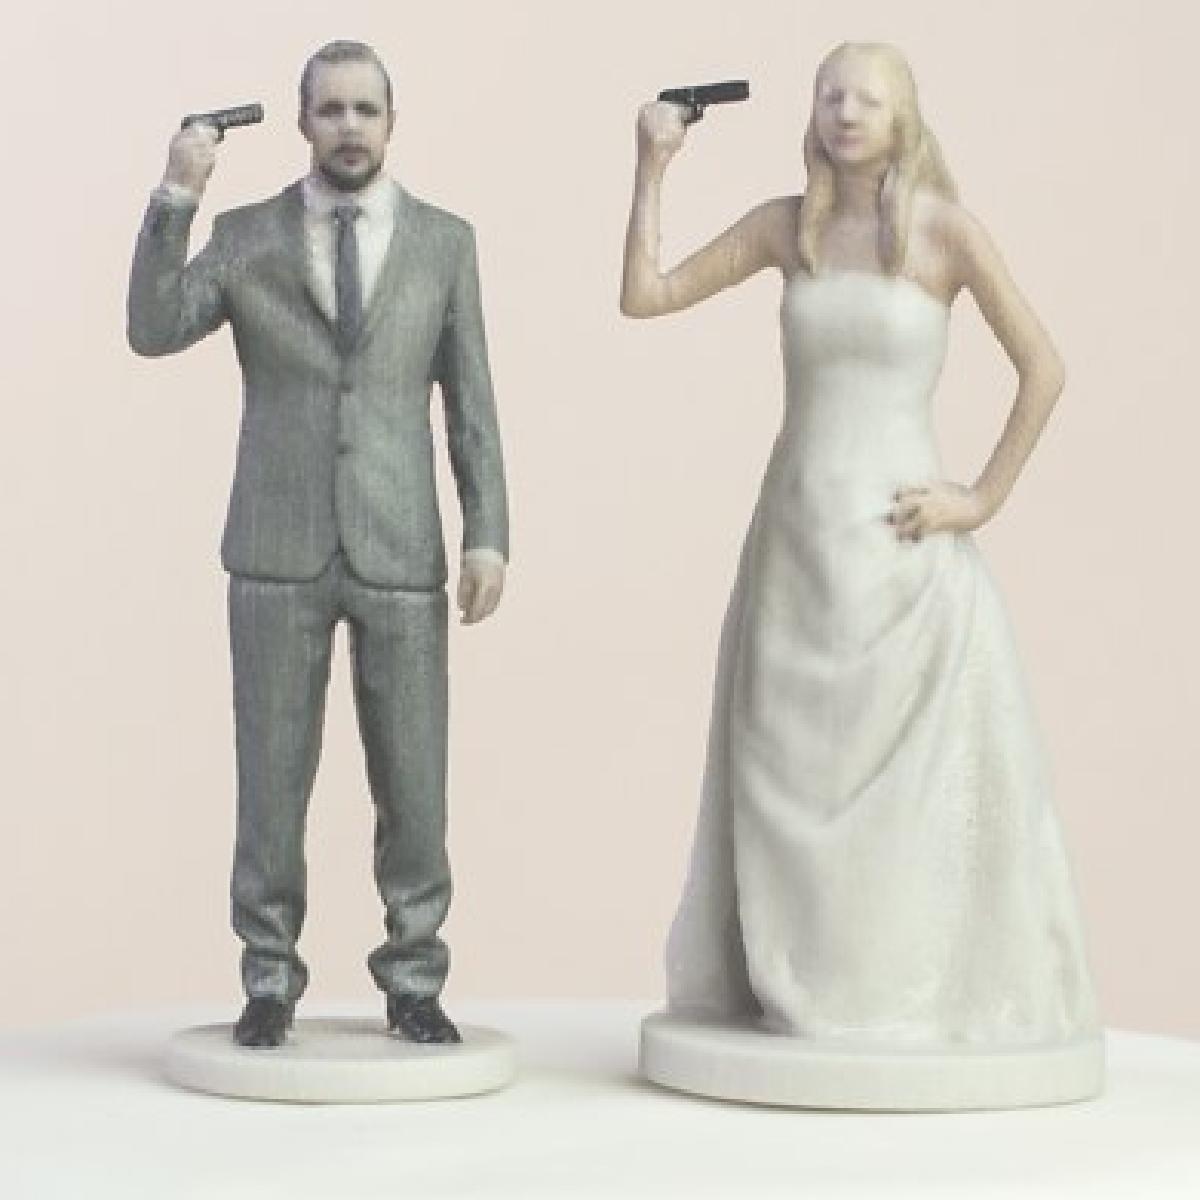 figurines gteau de mariage personnalises impression 3d - Figurine Mariage Personnalise